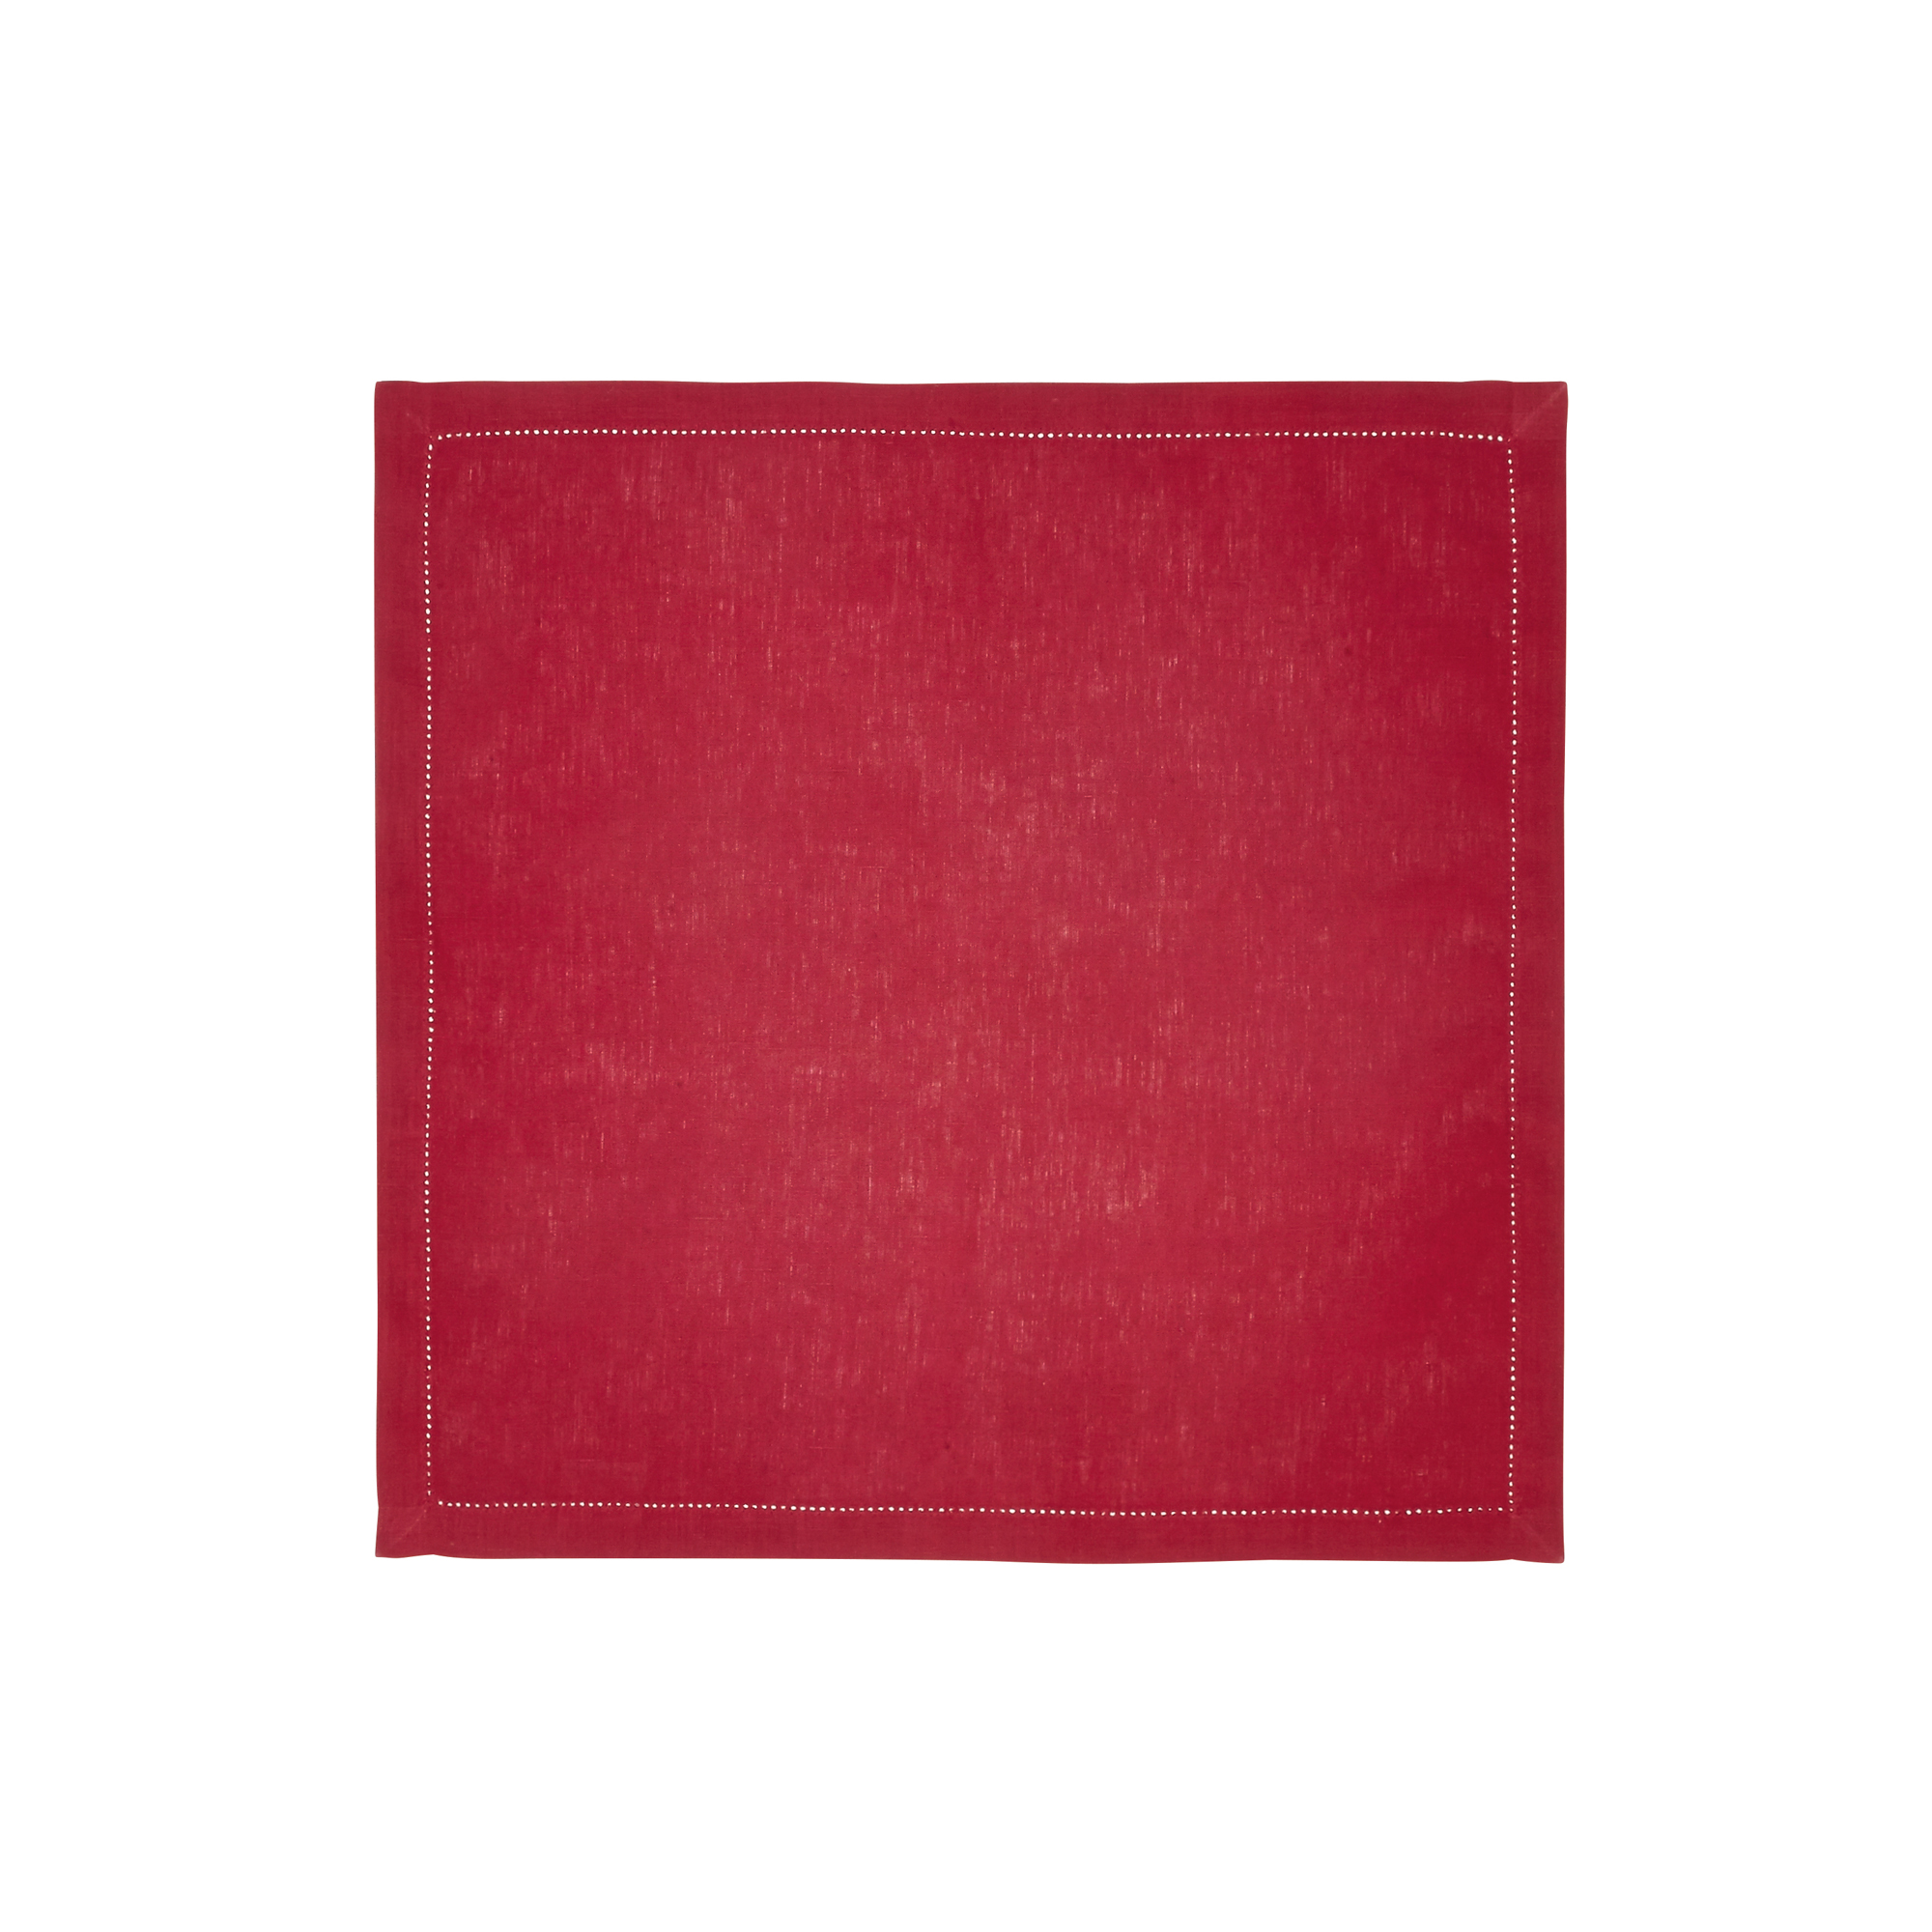 Serviette de table en lin rouge 50x50